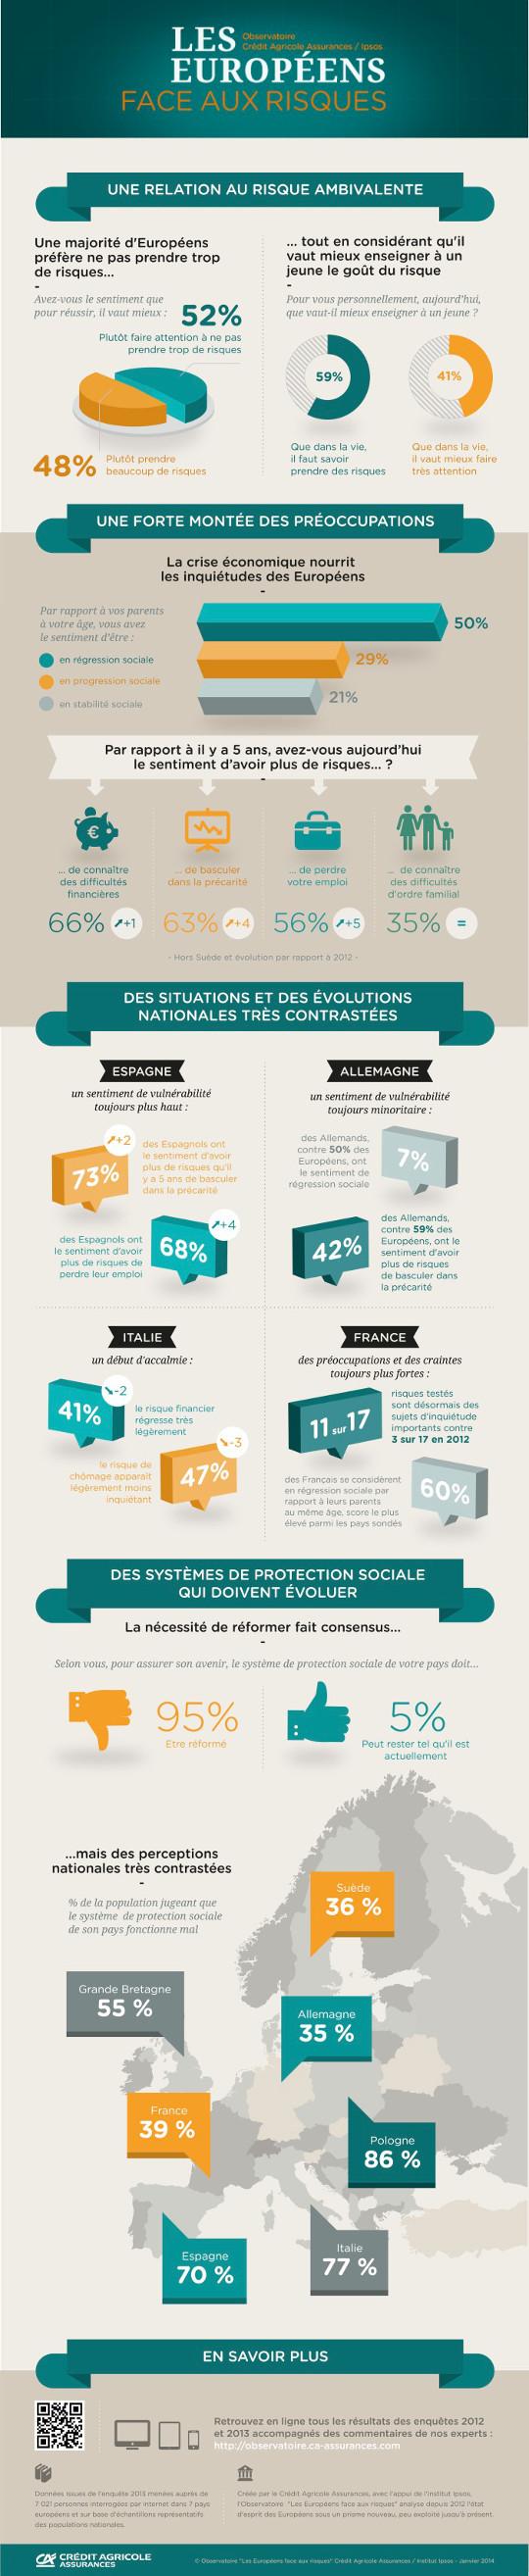 Infographie tirée de l'enquête sur sur l'aversion au risque des Européens menée en 2013 par l'Observatoire Crédit Agricole Assurances / IPSOS